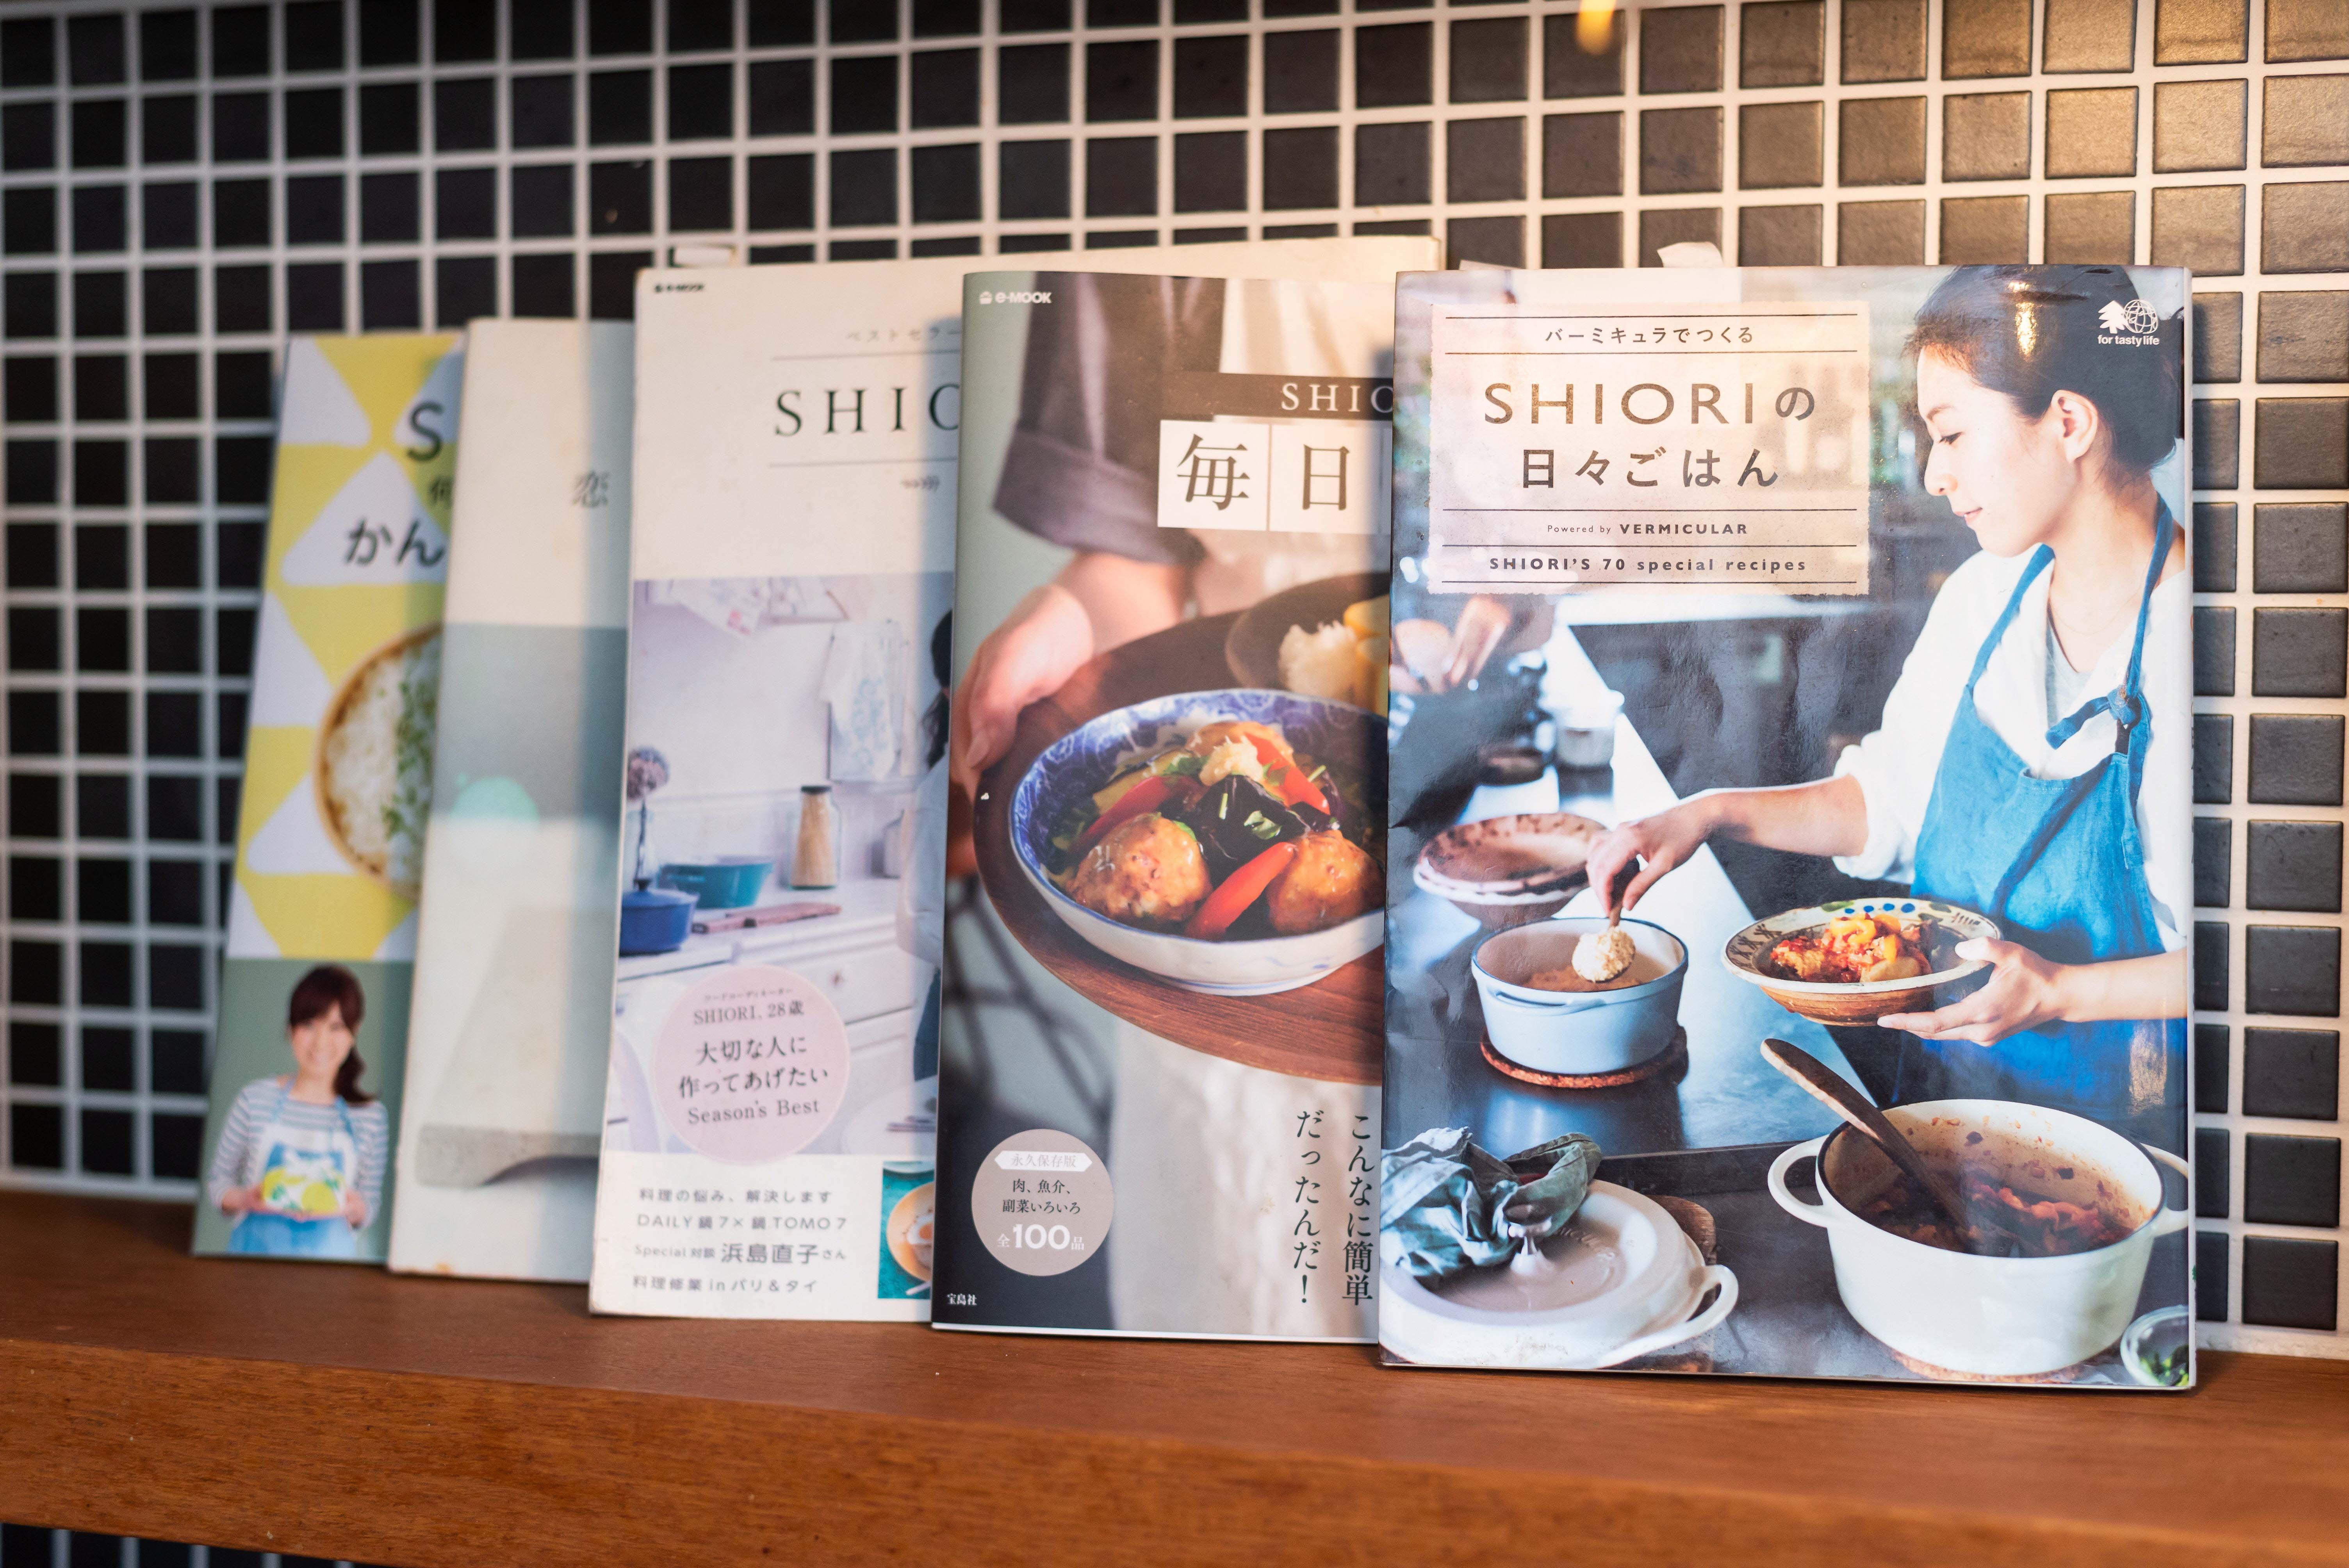 すべての料理は愛情表現 料理家 Shioriさんに聞く 食事と睡眠の話